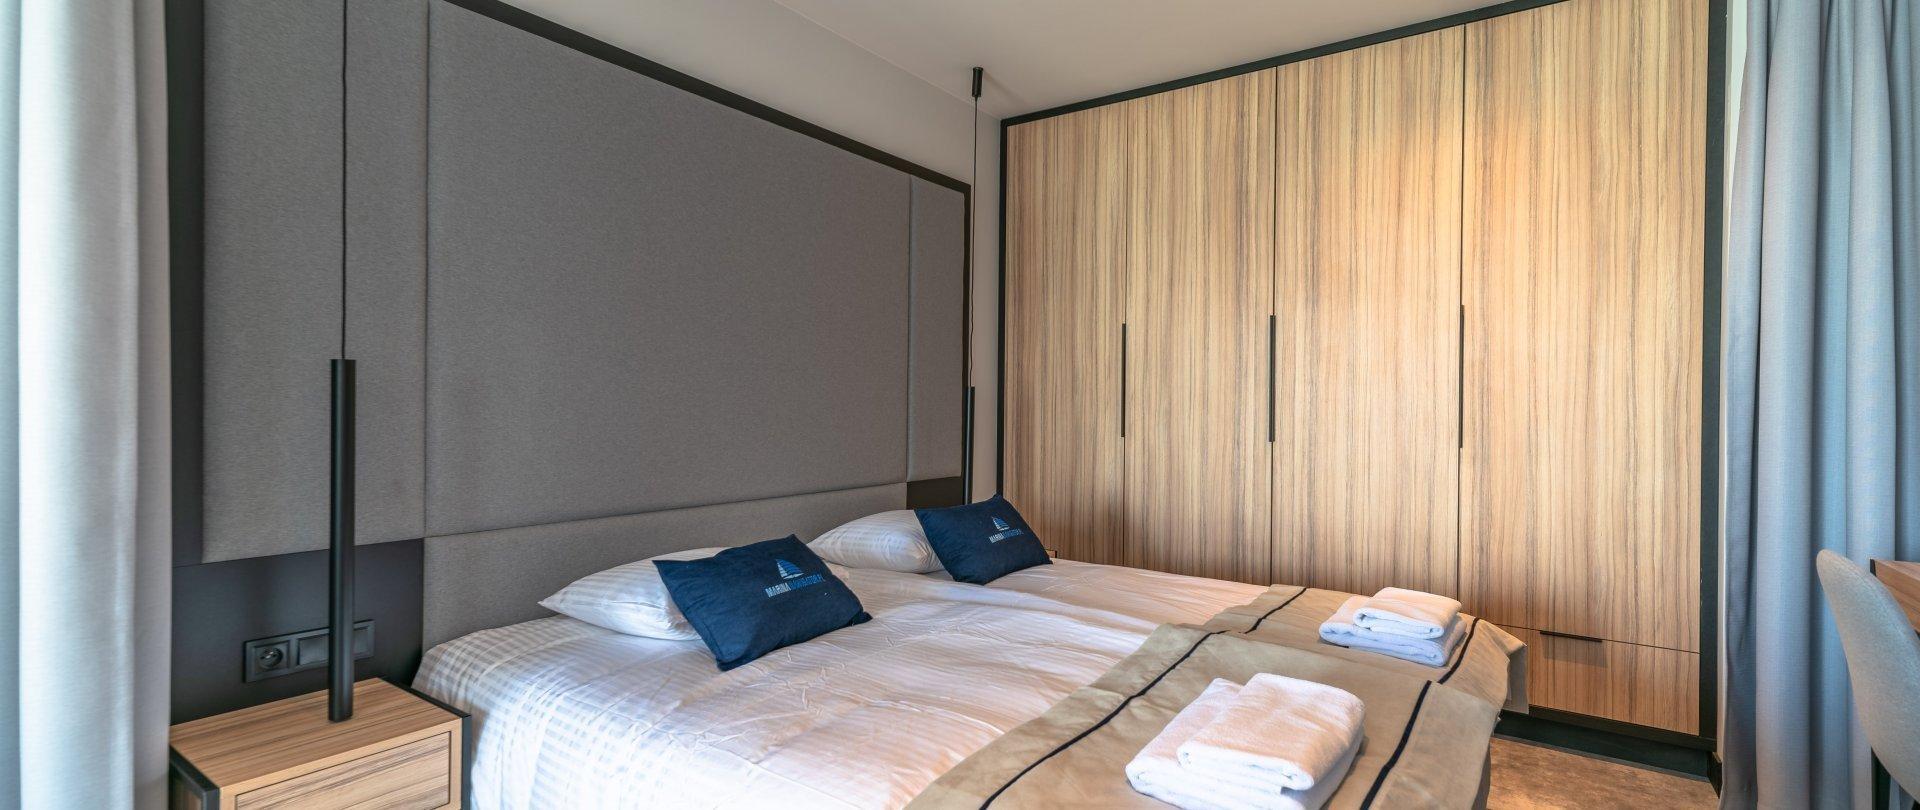 Suite Suite mit Seeblick